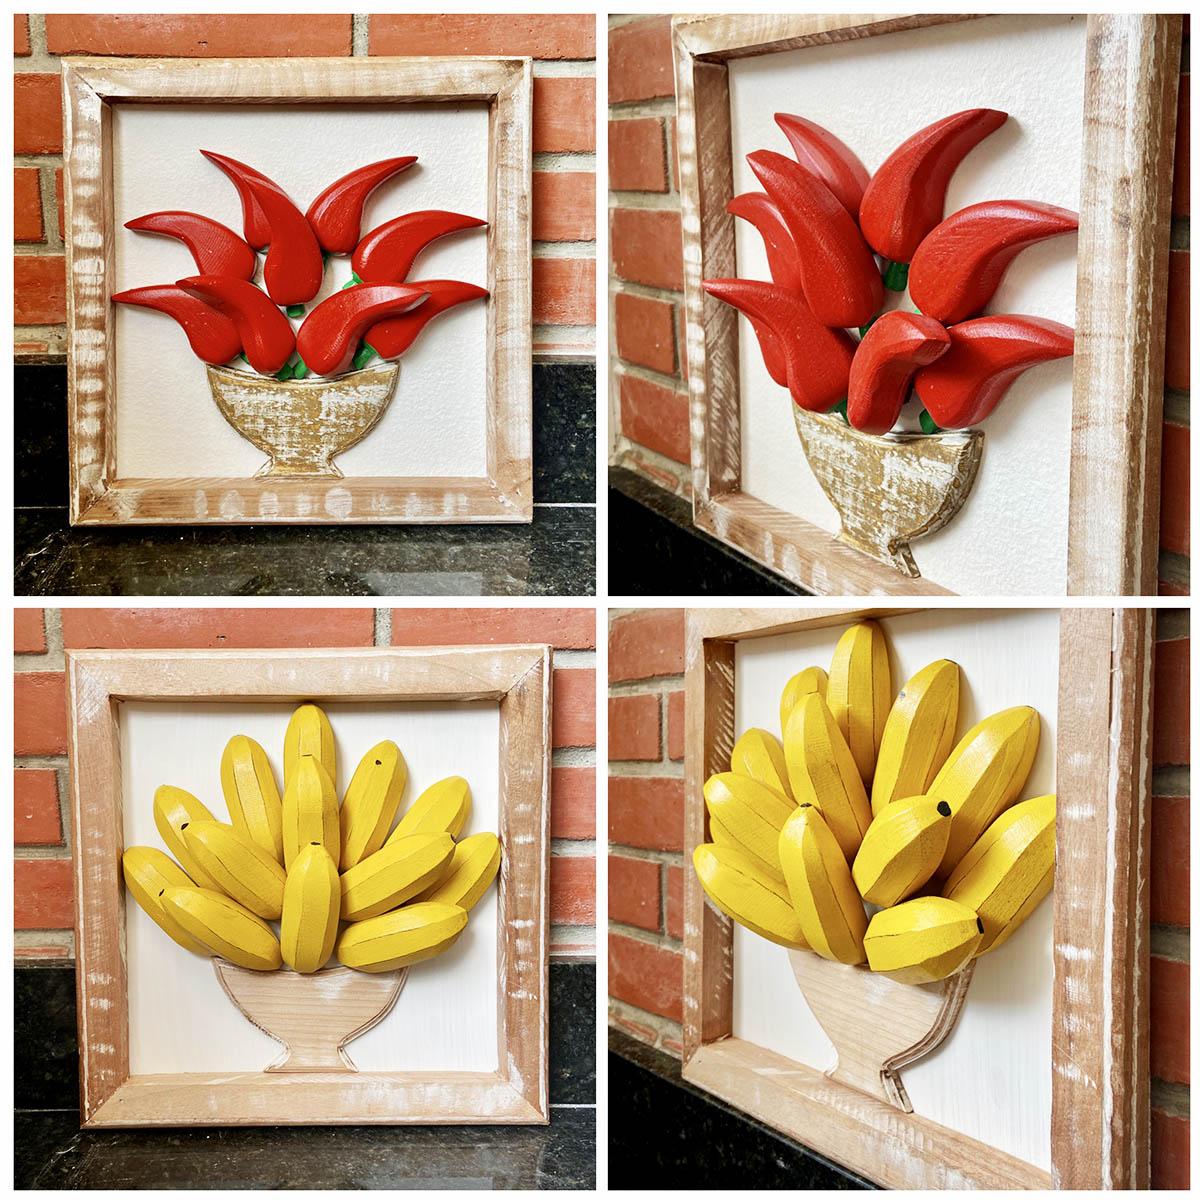 Kit  Quadros Rústicos  3D  em Formato Banana e Pimenta